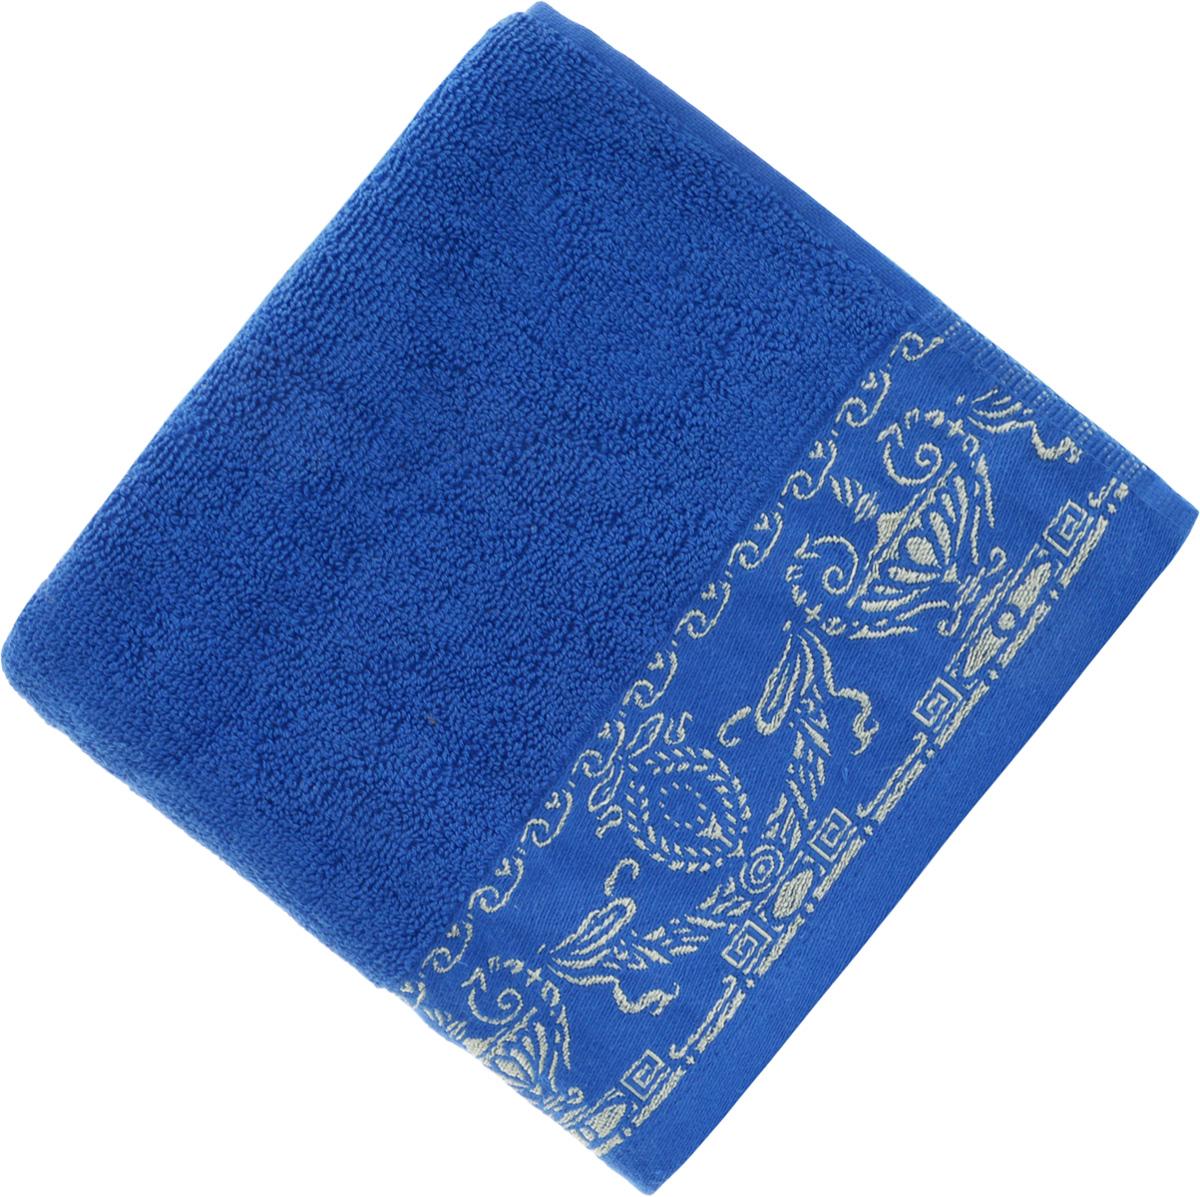 Полотенце Soavita Premium. Амфора, цвет: синий, 45 х 80 смU210DFПолотенце Soavita Premium. Амфора выполнено из 100% хлопка. Изделие отлично впитывает влагу, быстро сохнет, сохраняет яркость цвета и не теряет форму даже после многократных стирок. Полотенце очень практично и неприхотливо в уходе. Оно создаст прекрасное настроение и украсит интерьер в ванной комнате.